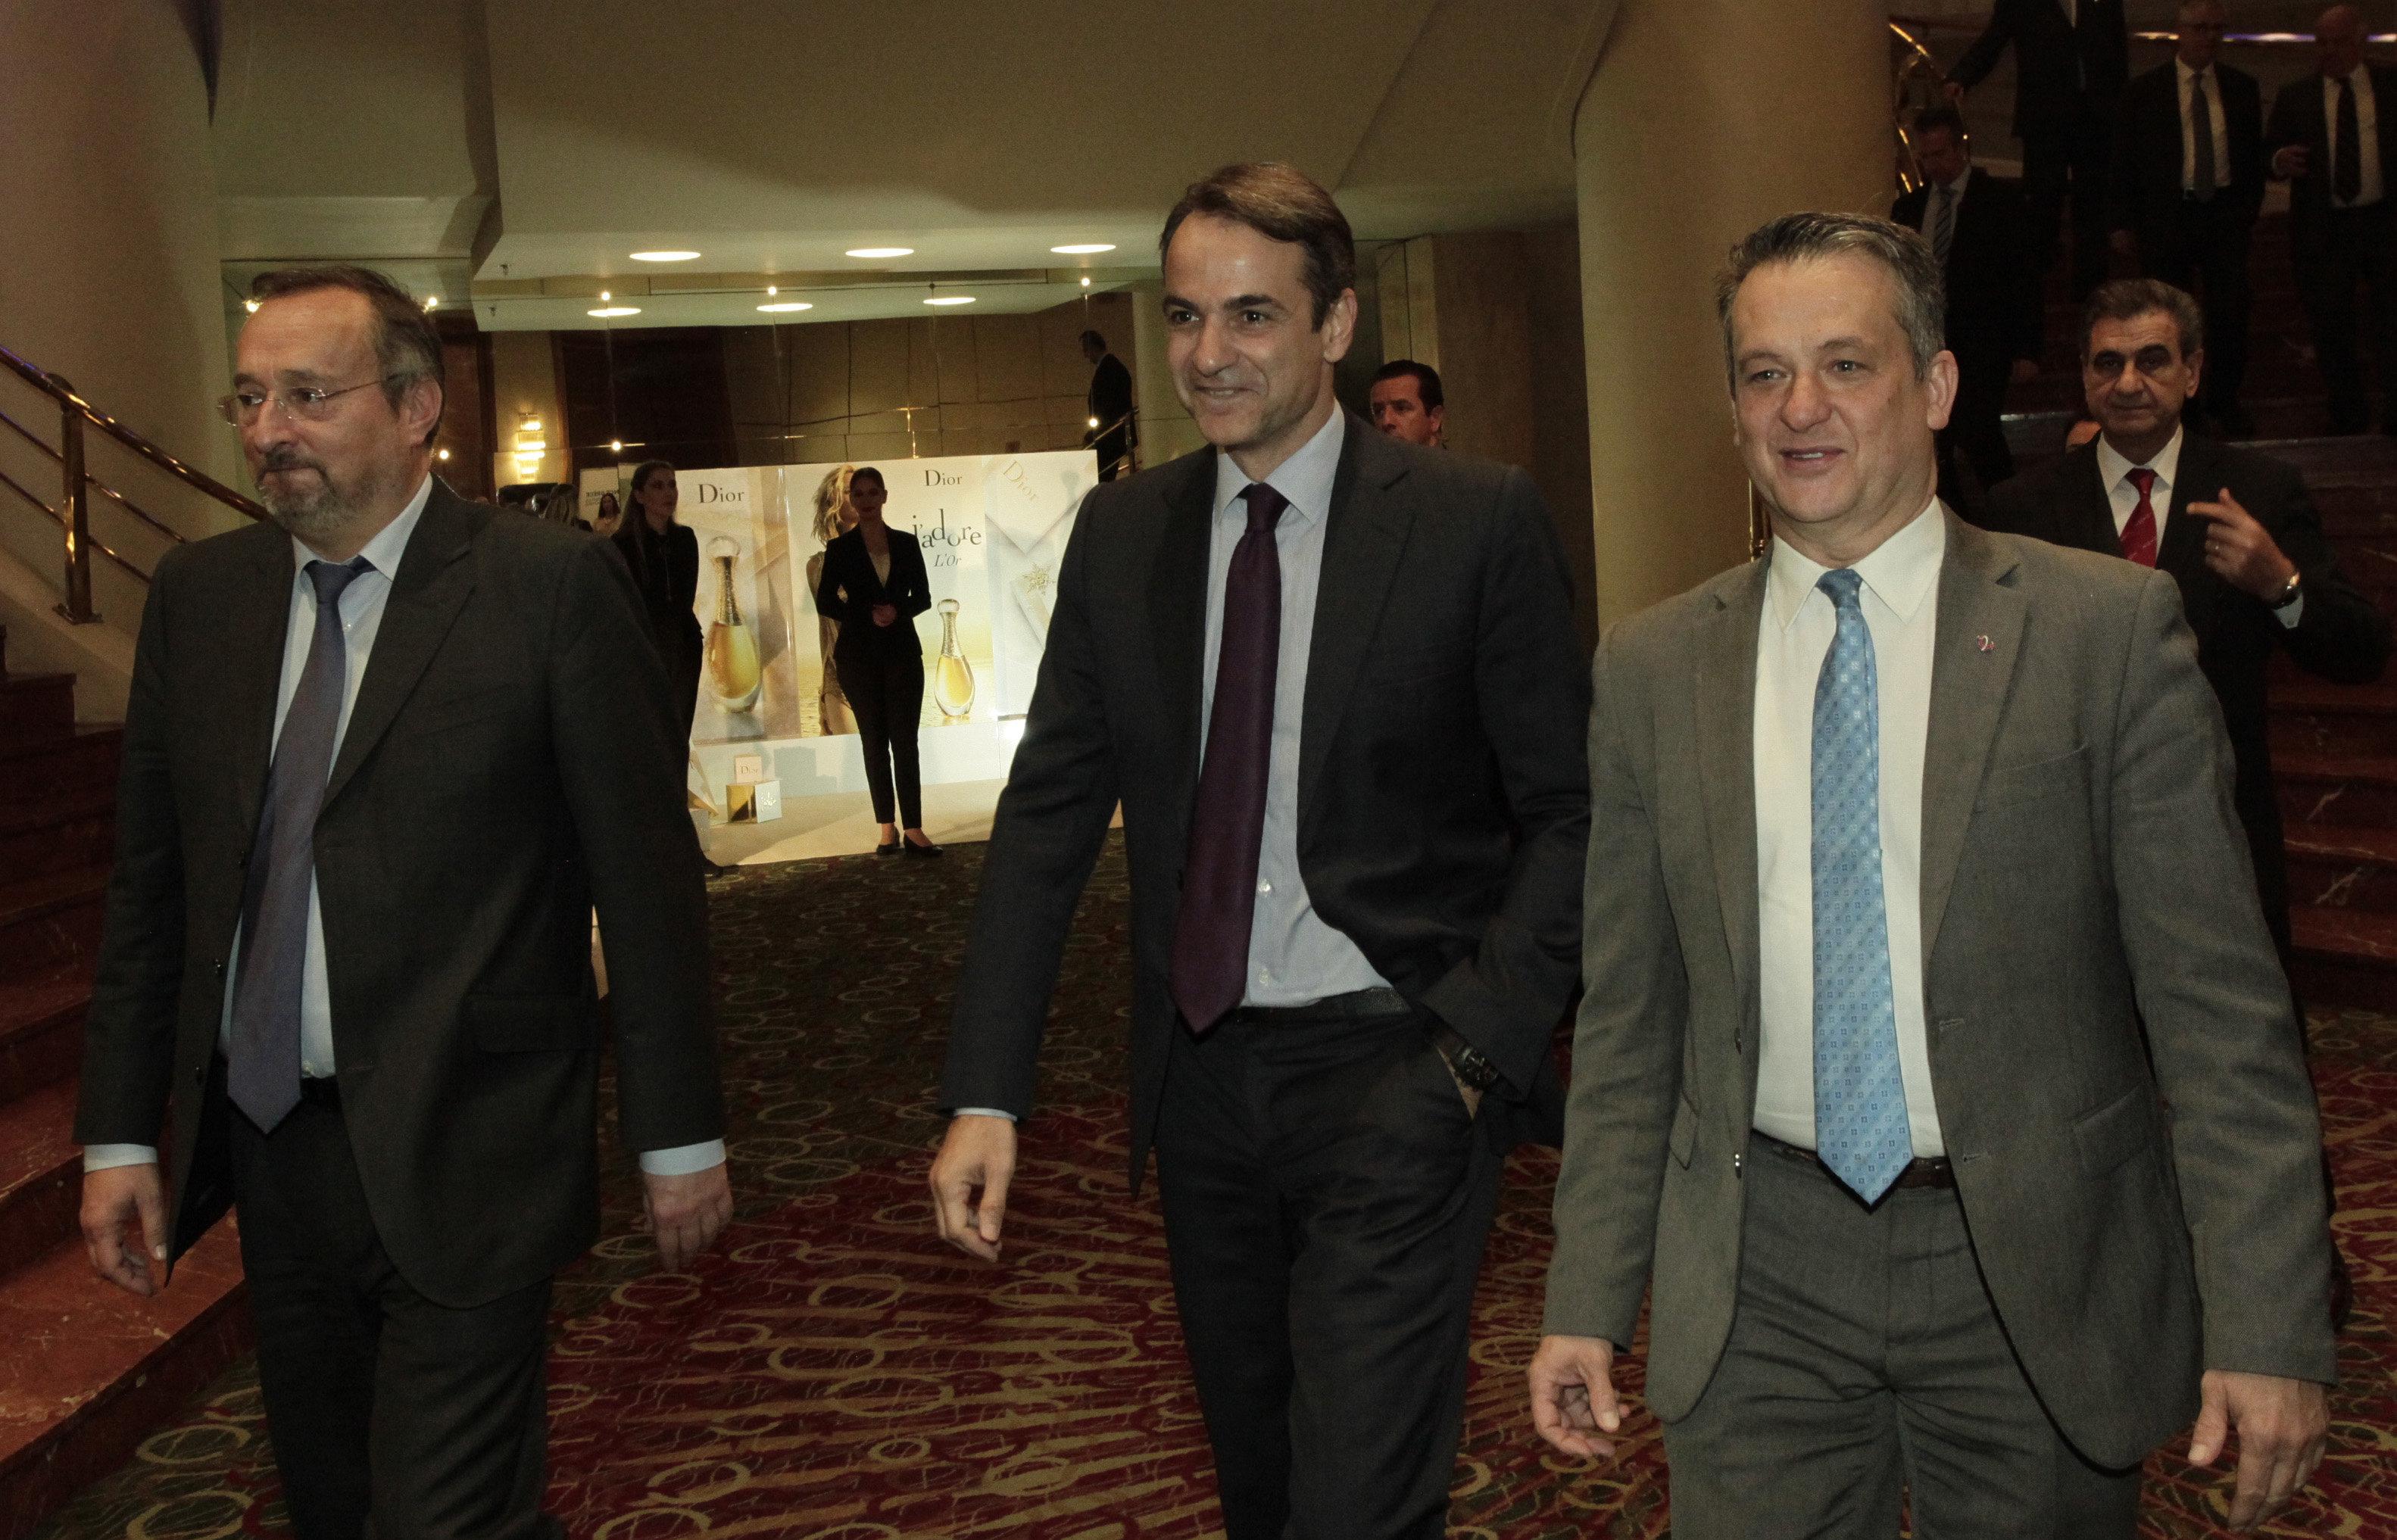 Μητσοτάκης: Η κυβέρνηση υπονομεύει την ανάπτυξη